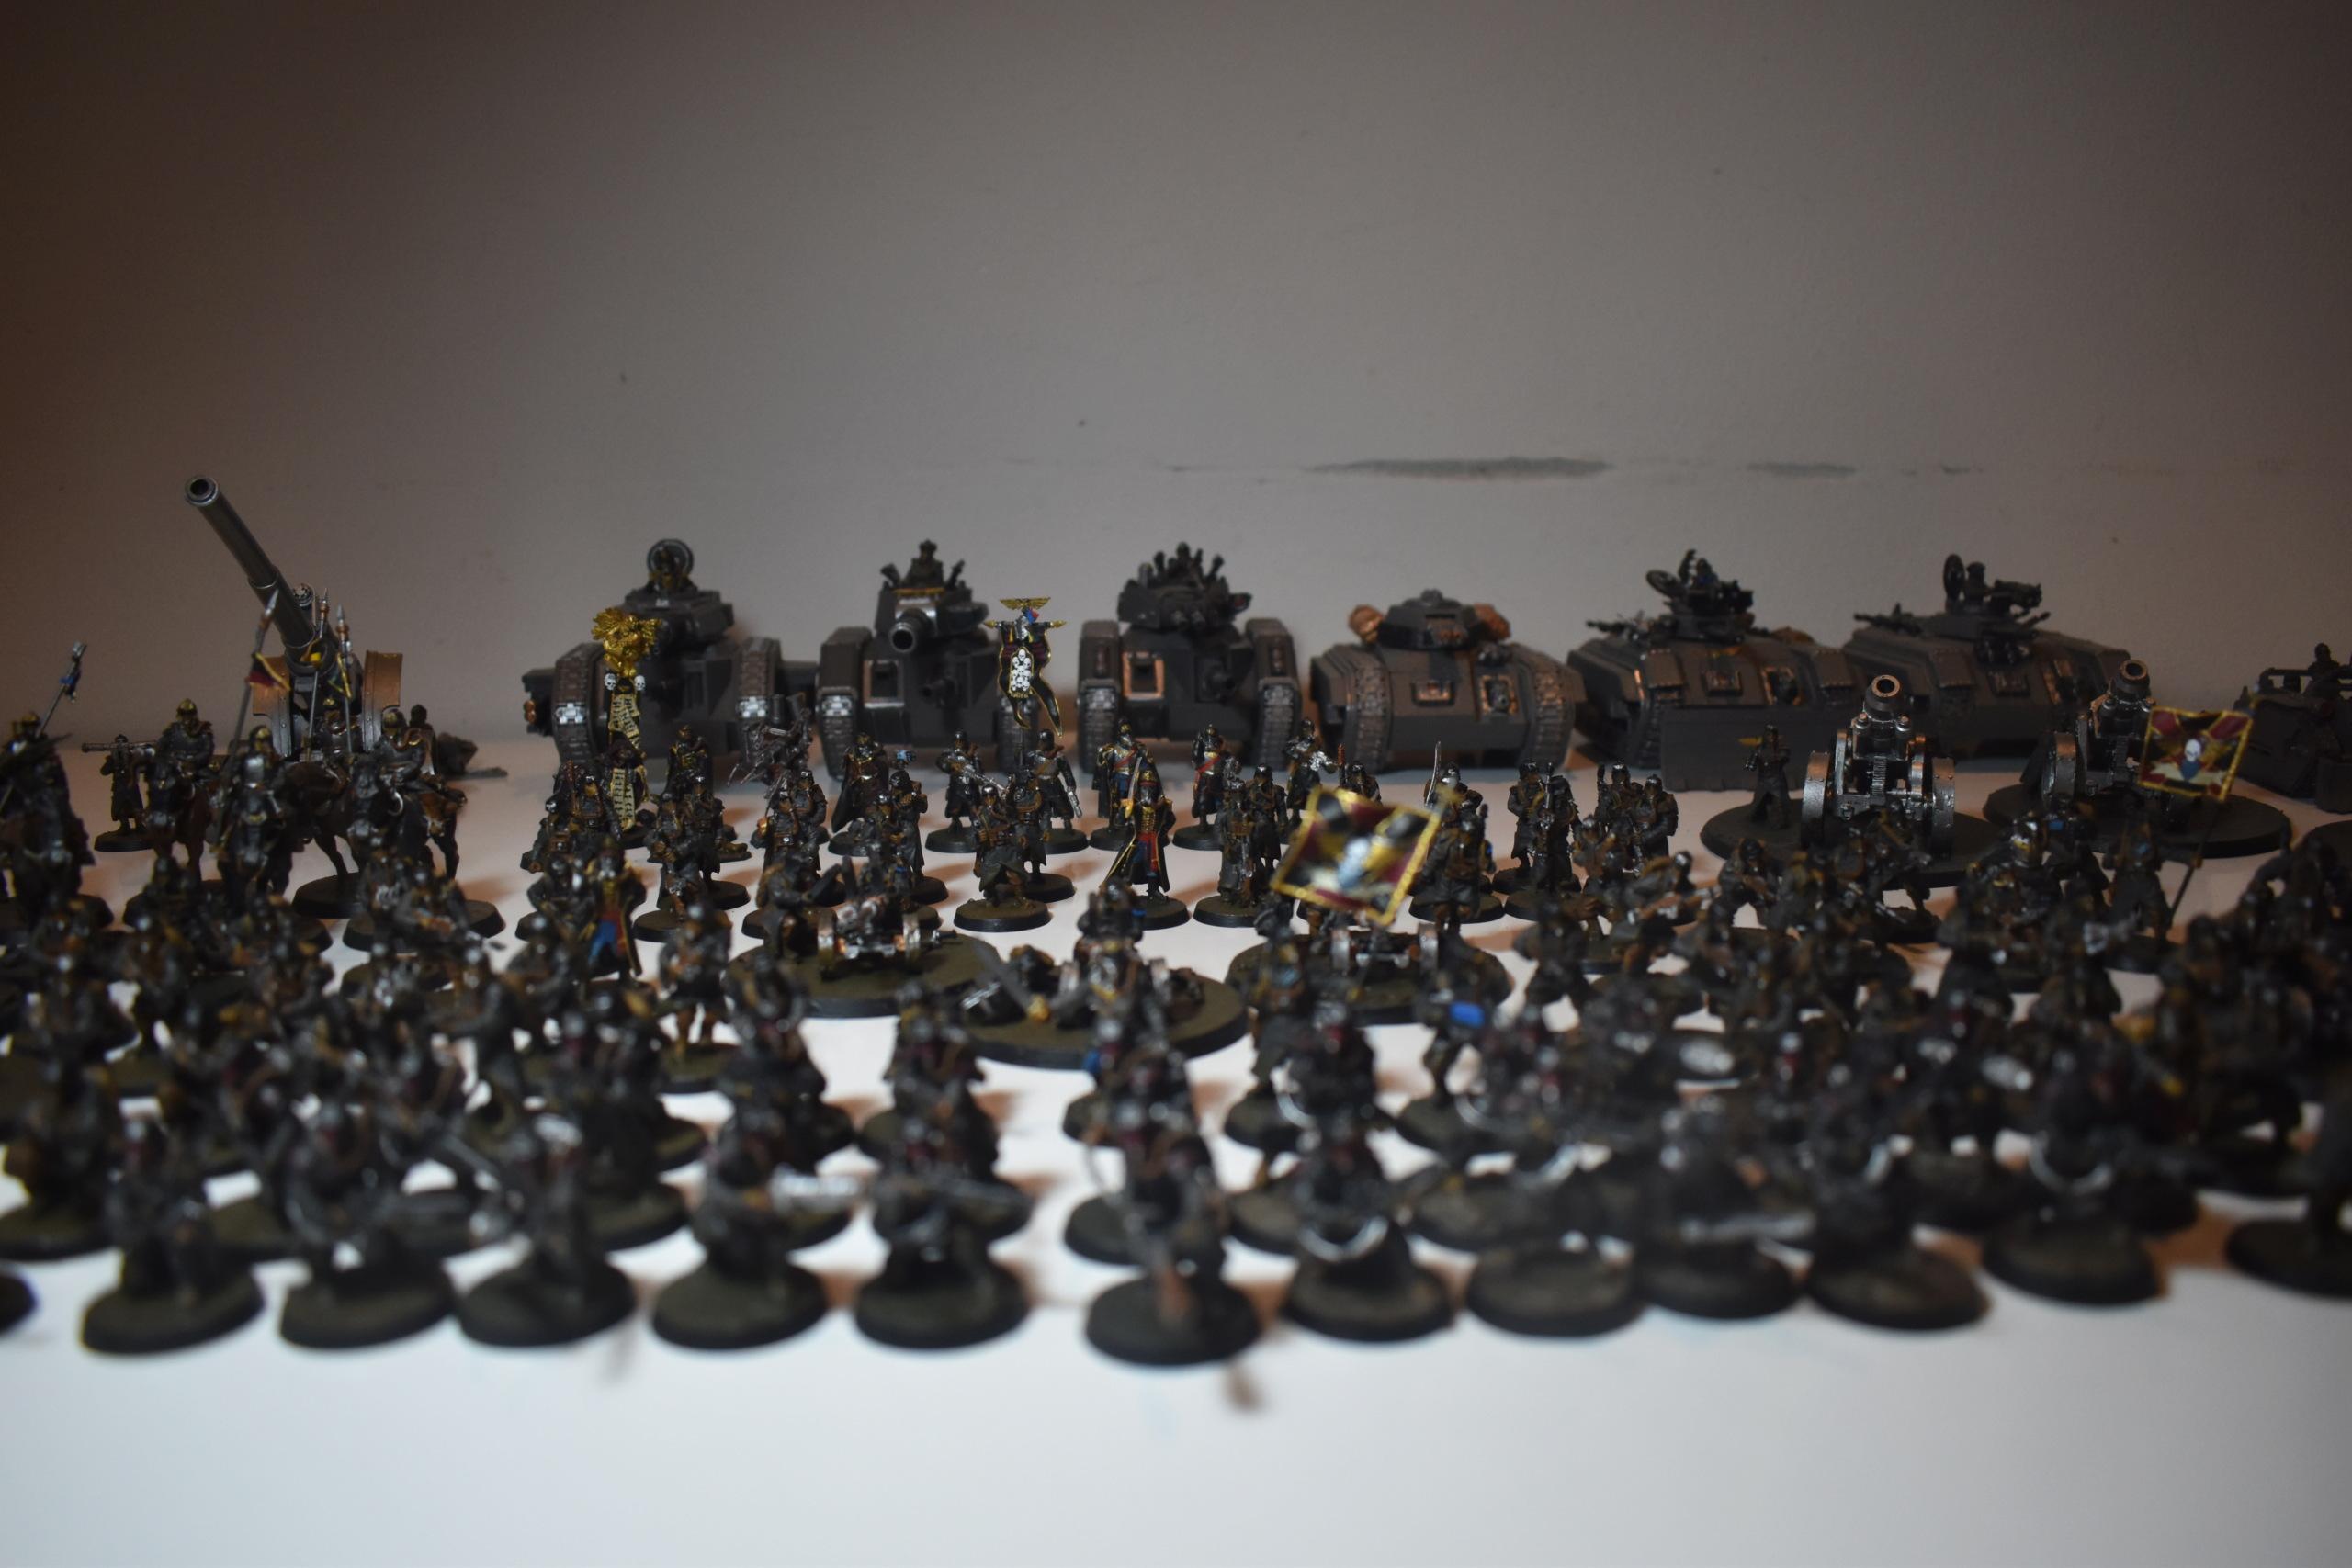 Les Armées de Nico. (Battle, 40K & HH) - Page 6 Dsc_0241